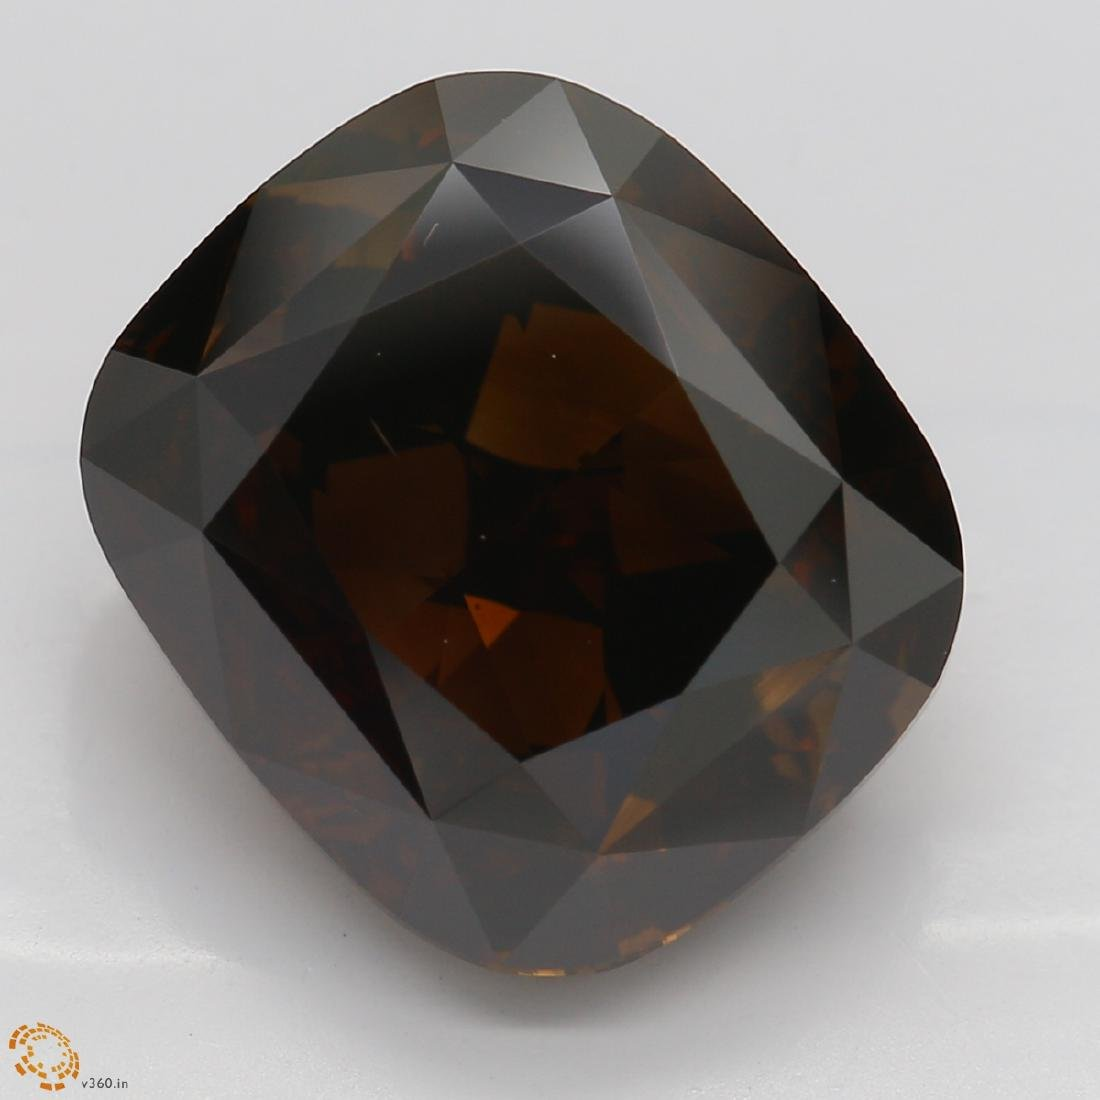 7.48 ct, Brown/VS2, Cushion cut Diamond